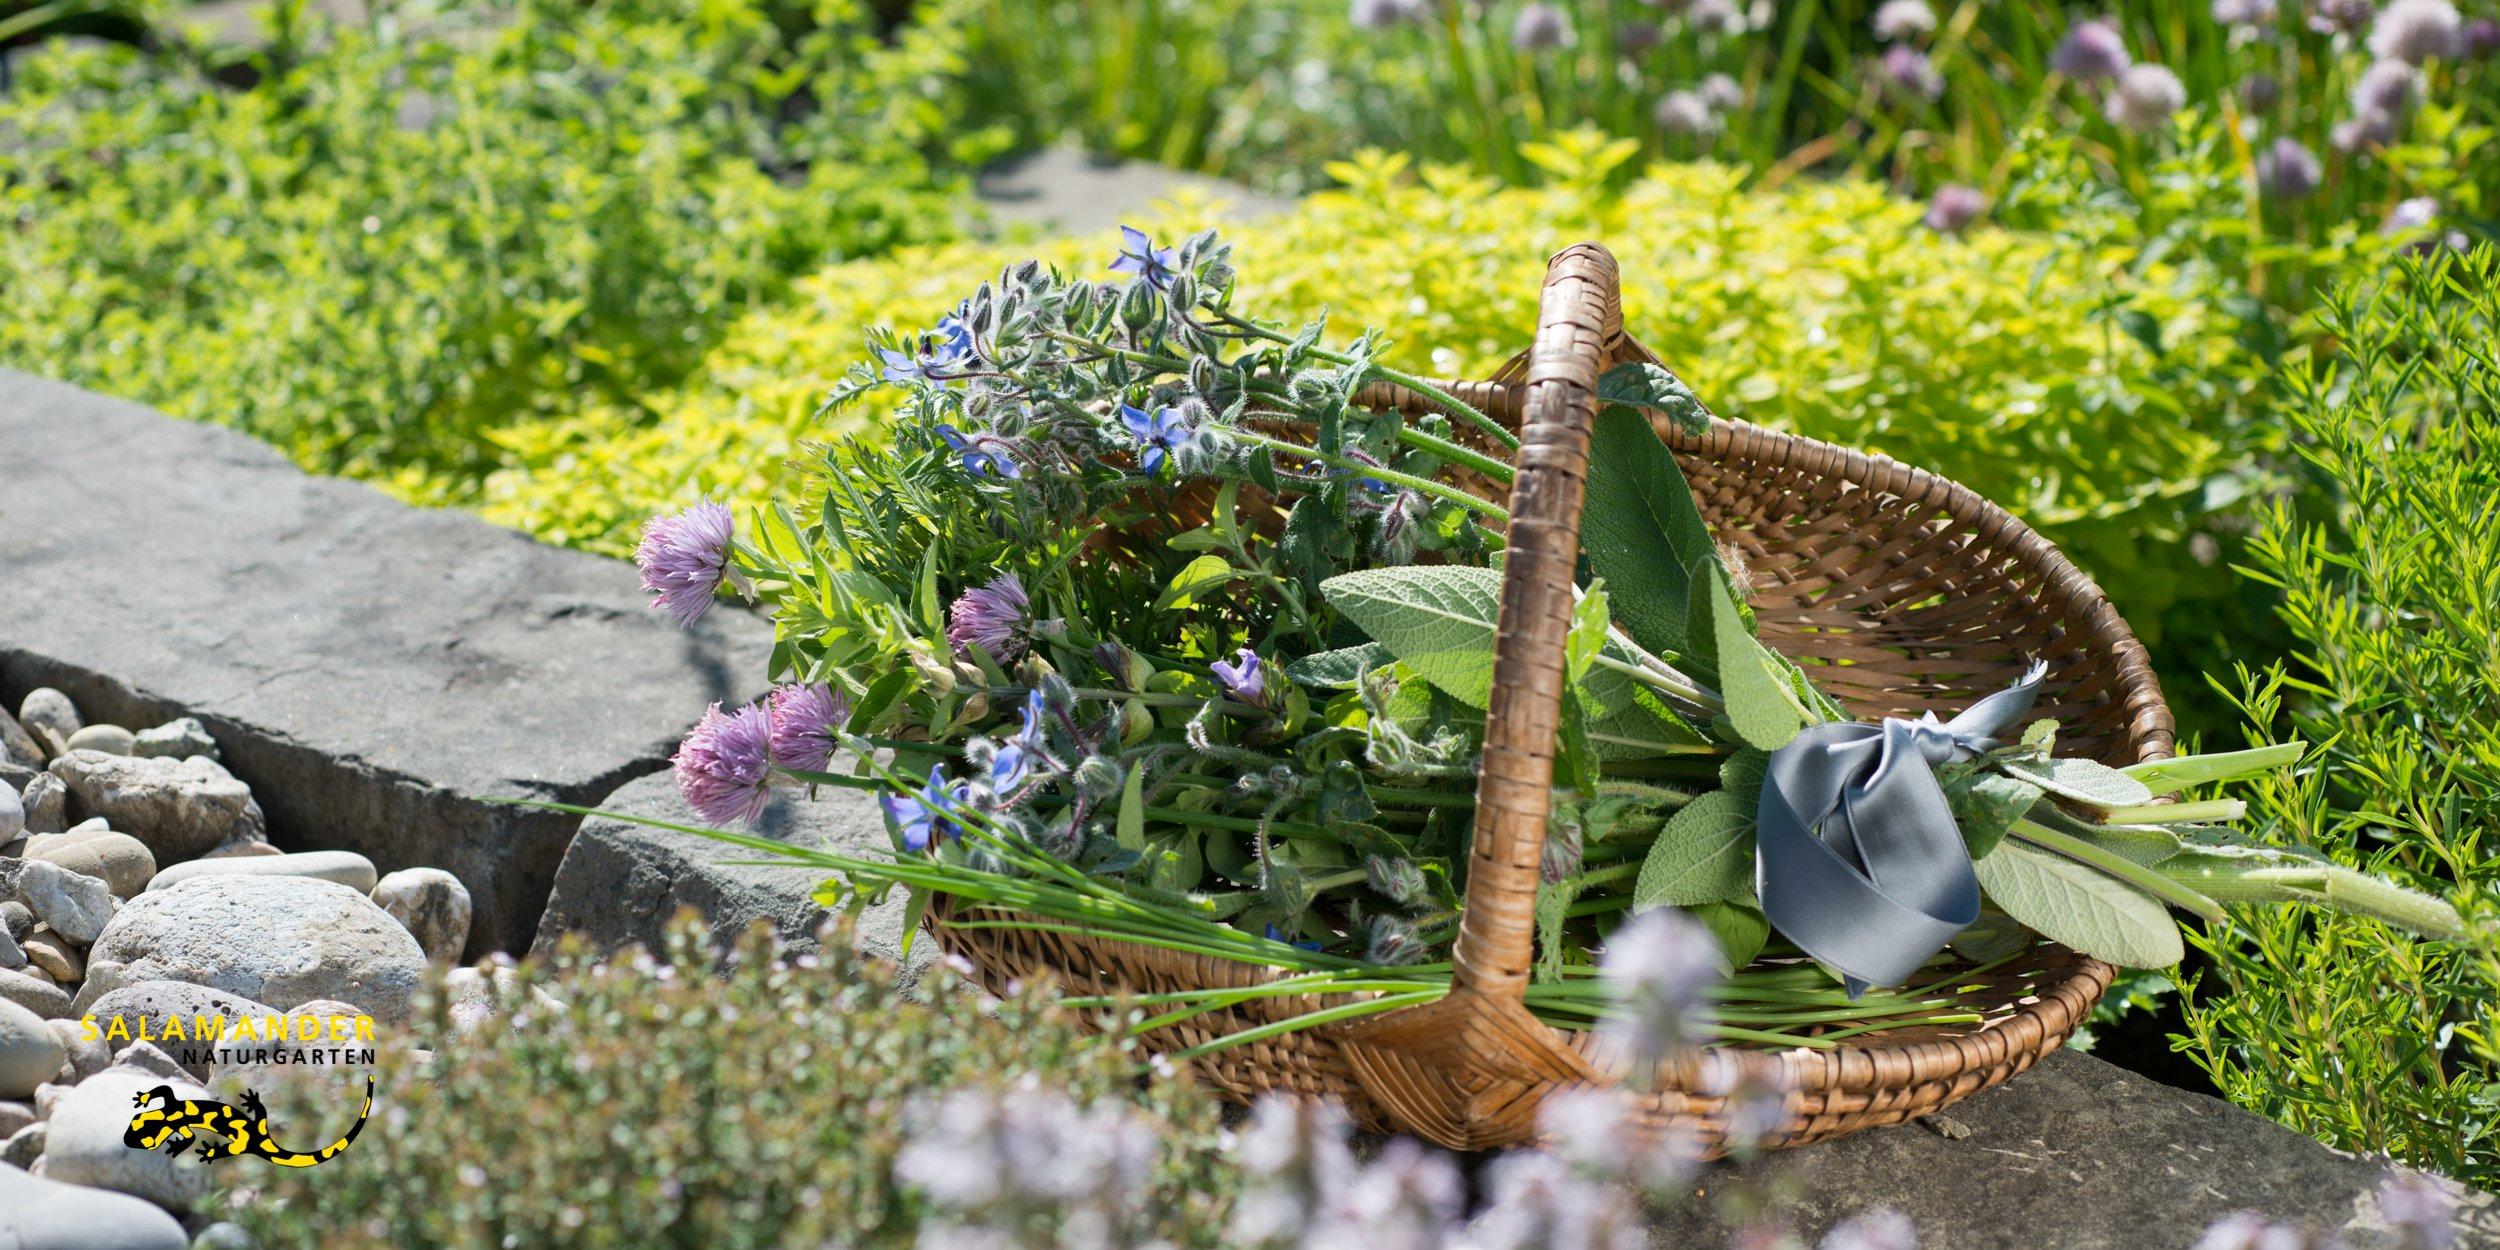 Mehr Zeit für die schönen Dinge im Garten